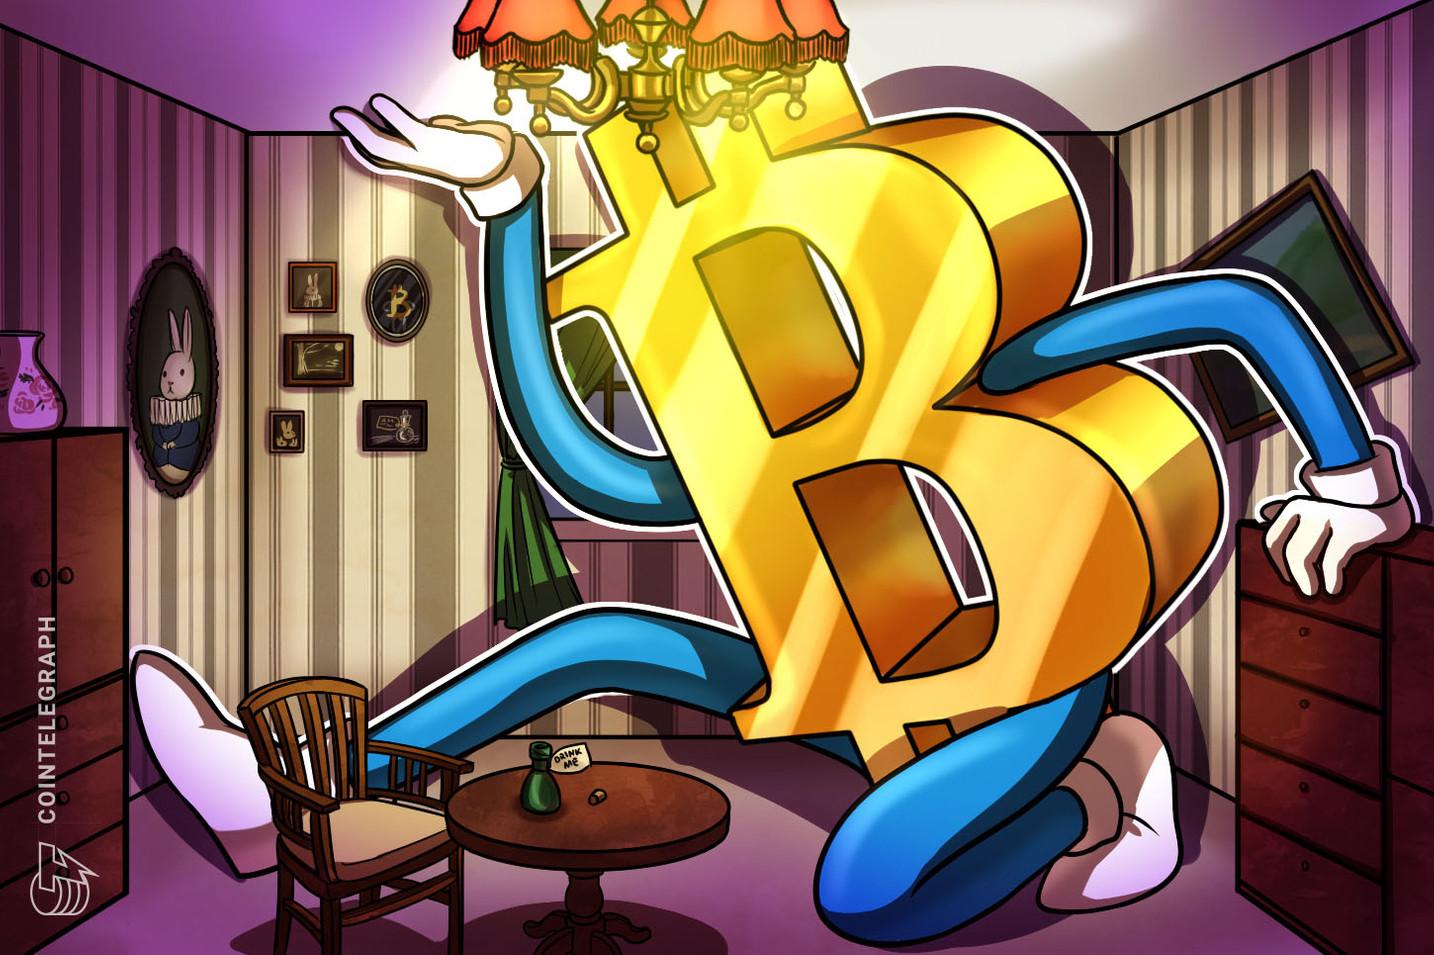 Robert Herjavec, presentatore di Shark Tank, crede che il prezzo di Bitcoin si quintuplicherà